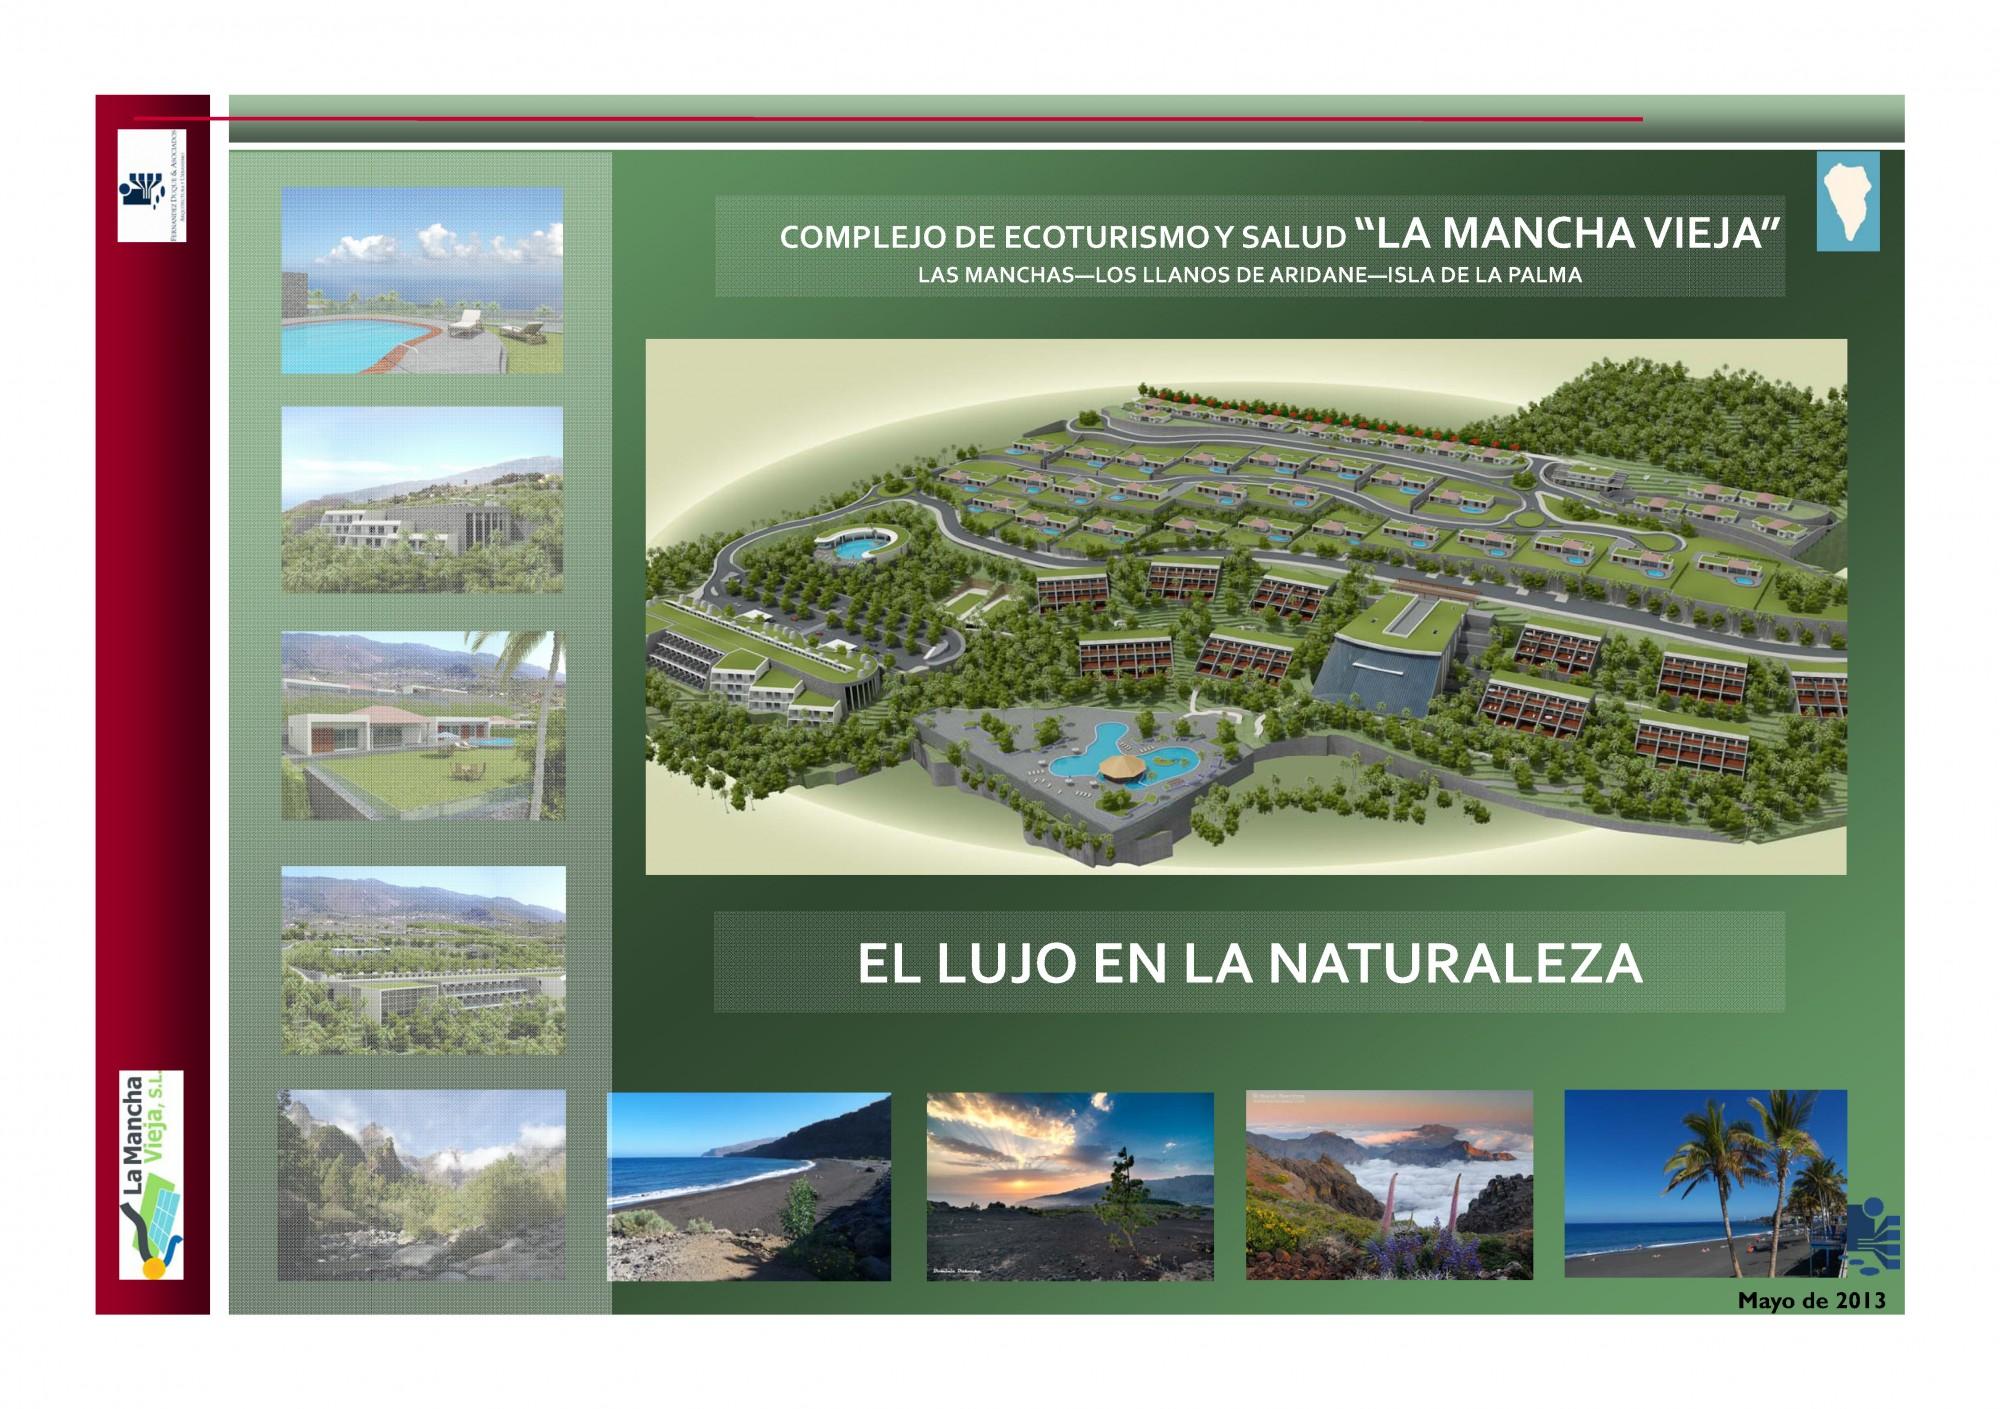 Dossier Complejo de Ecoturismo y Salud La Mancha Vieja (PAG. 1)